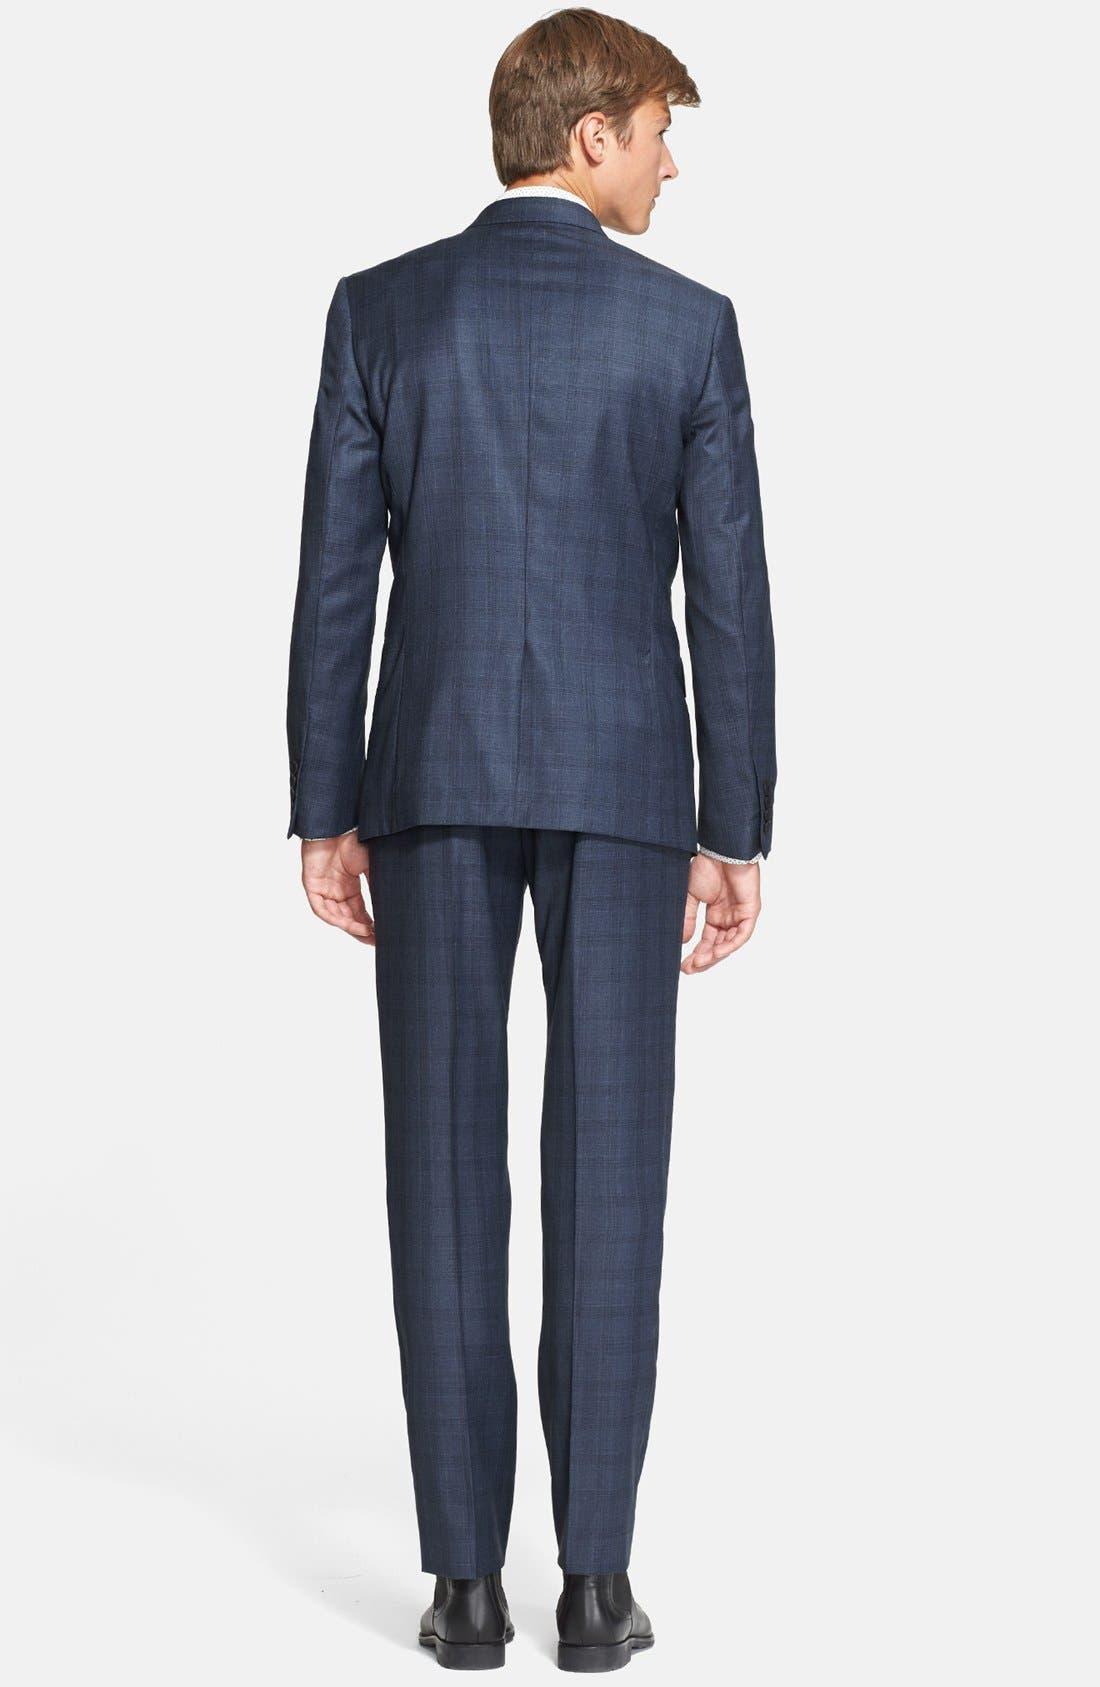 'Byard' Trim Fit Plaid Suit,                             Alternate thumbnail 4, color,                             414